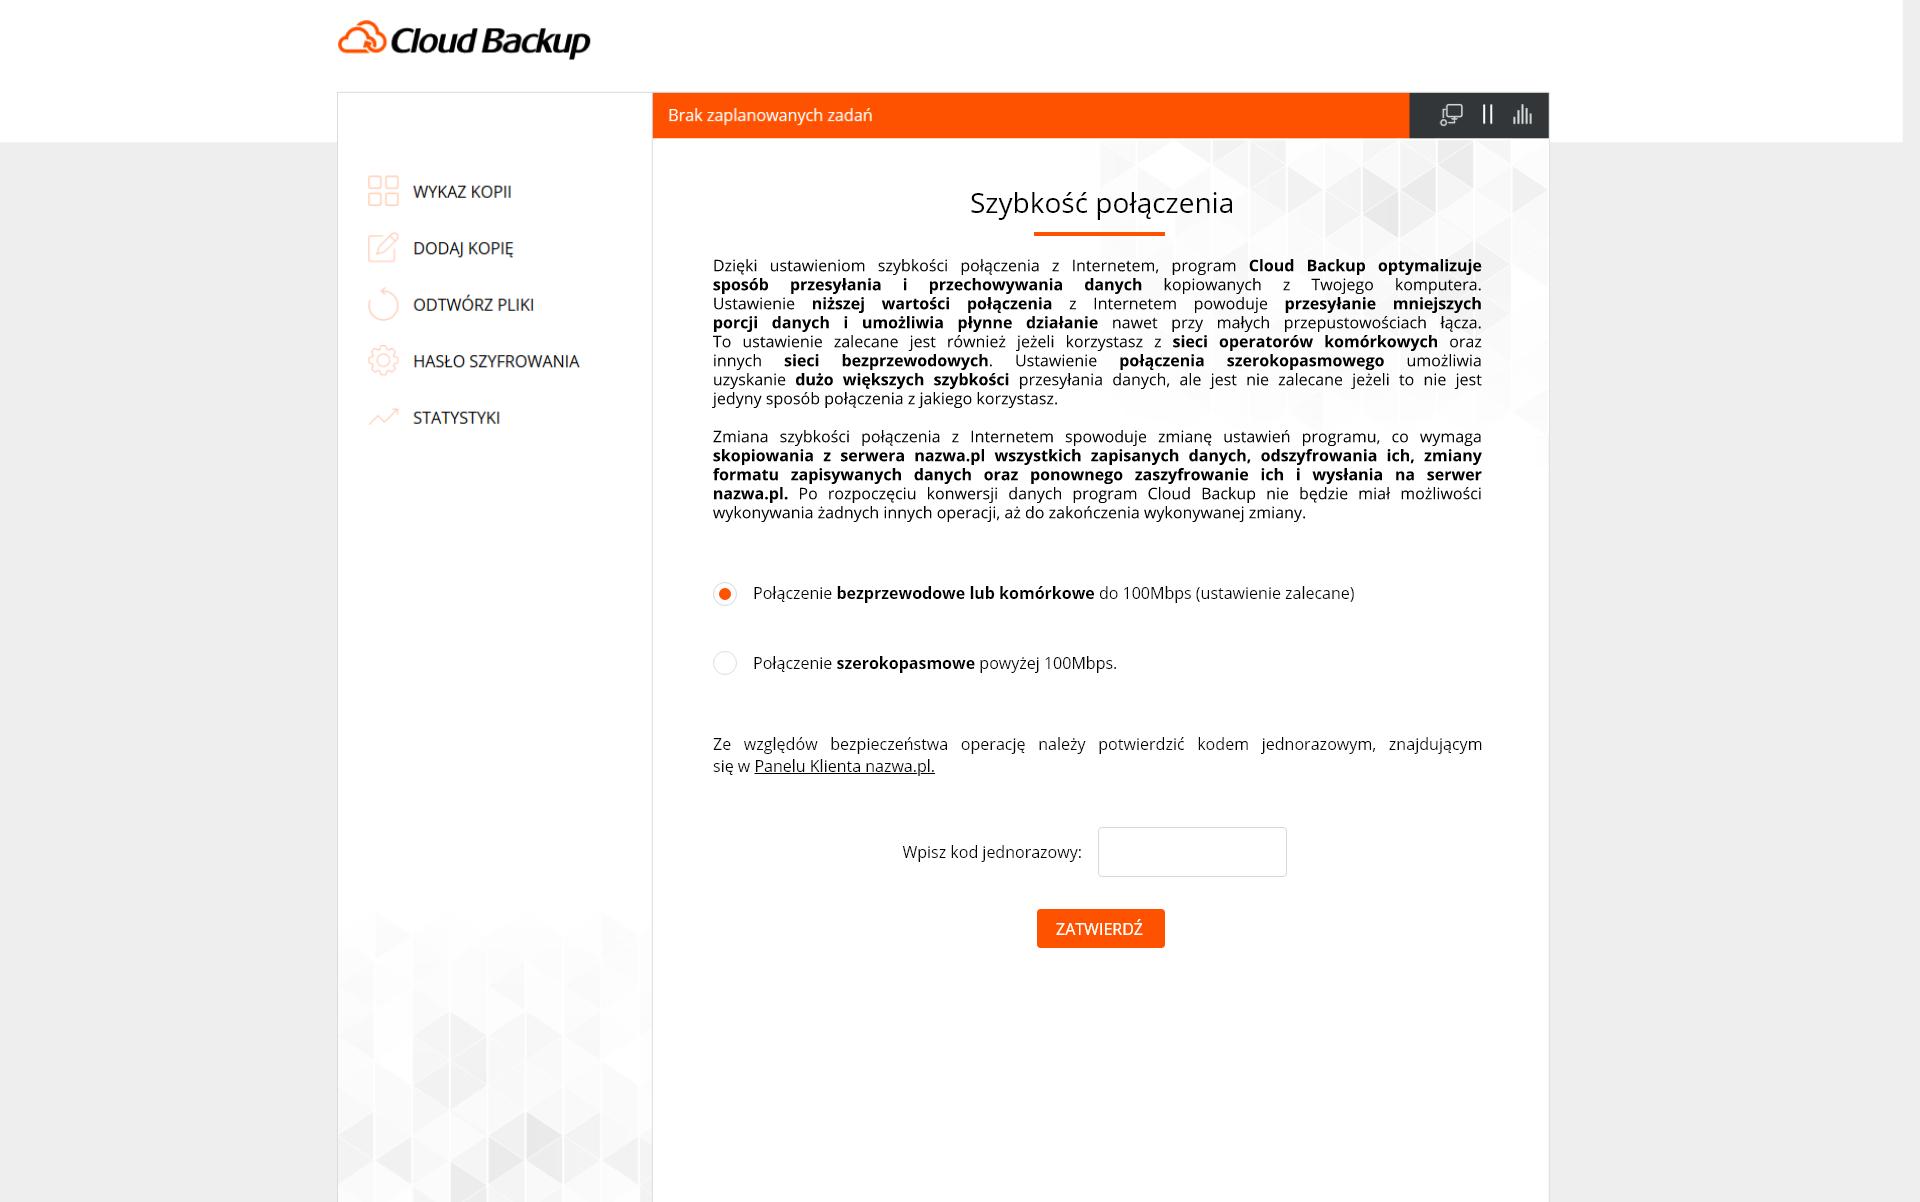 Szybkość połączenia wprogramie Cloud Backup wnazwa.pl